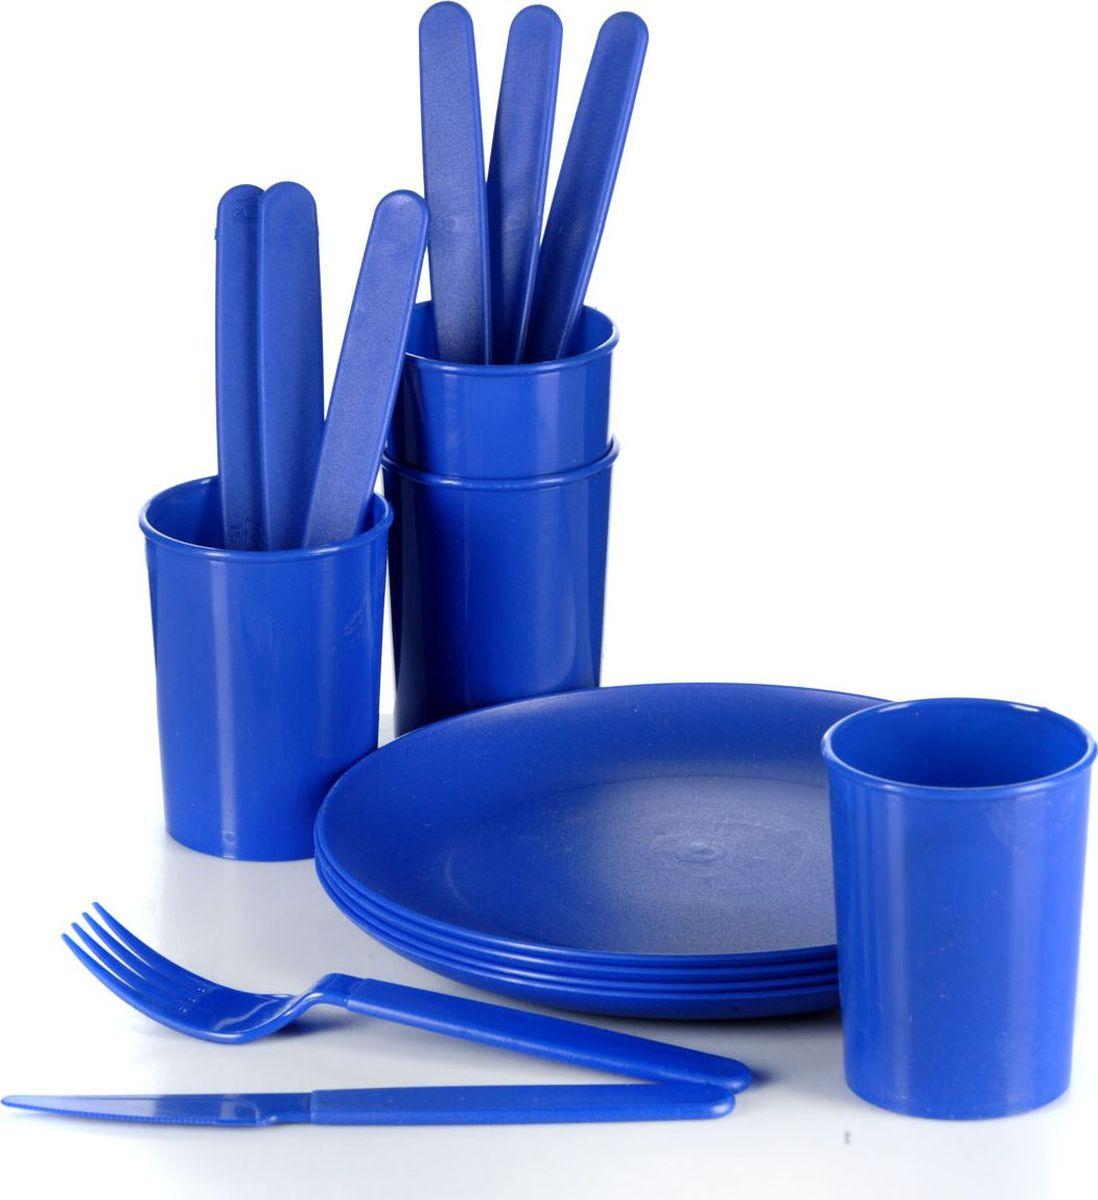 Набор пластиковой посуды Gotoff Туристический, цвет: синий, 16 предметов67742Набор пластиковой посуды Gotoff Туристический включает 4 тарелки, 4 стакана, 4 вилки и 4 ножа. Изделия выполнены из прочного пищевого полипропилена. Набор отлично подойдет как для холодных, так и для горячих блюд. Его удобно использовать на даче, брать с собой на пикники и в поездки. Отличный вариант для детских праздников. Пластиковая посуда не разобьется и будет служить вам долгое время. Изделия легко моются, гигиеничны, не накапливают запахов. Диаметр тарелки: 20,5 см. Диаметр стакана: 7 см. Высота стакана: 9 см. Длина вилки: 18 см. Длина ножа: 18,5 см.